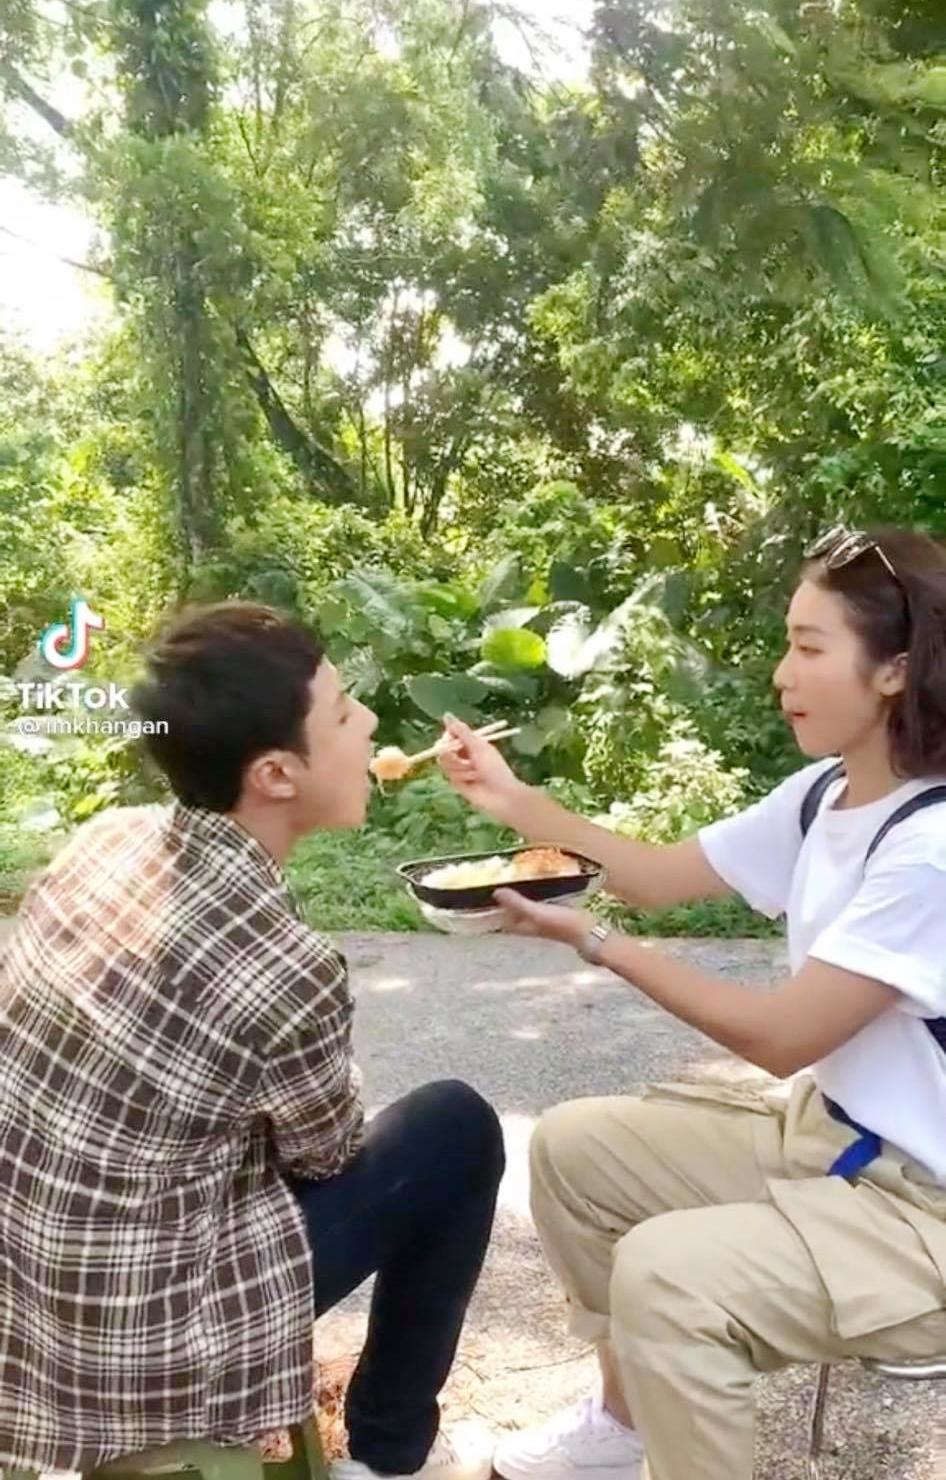 11 tháng 5 ngày: Khả Ngân tình tứ bón cho Thanh Sơn ăn trong hậu trường, bảo sao fan không đẩy thuyền - Ảnh 2.